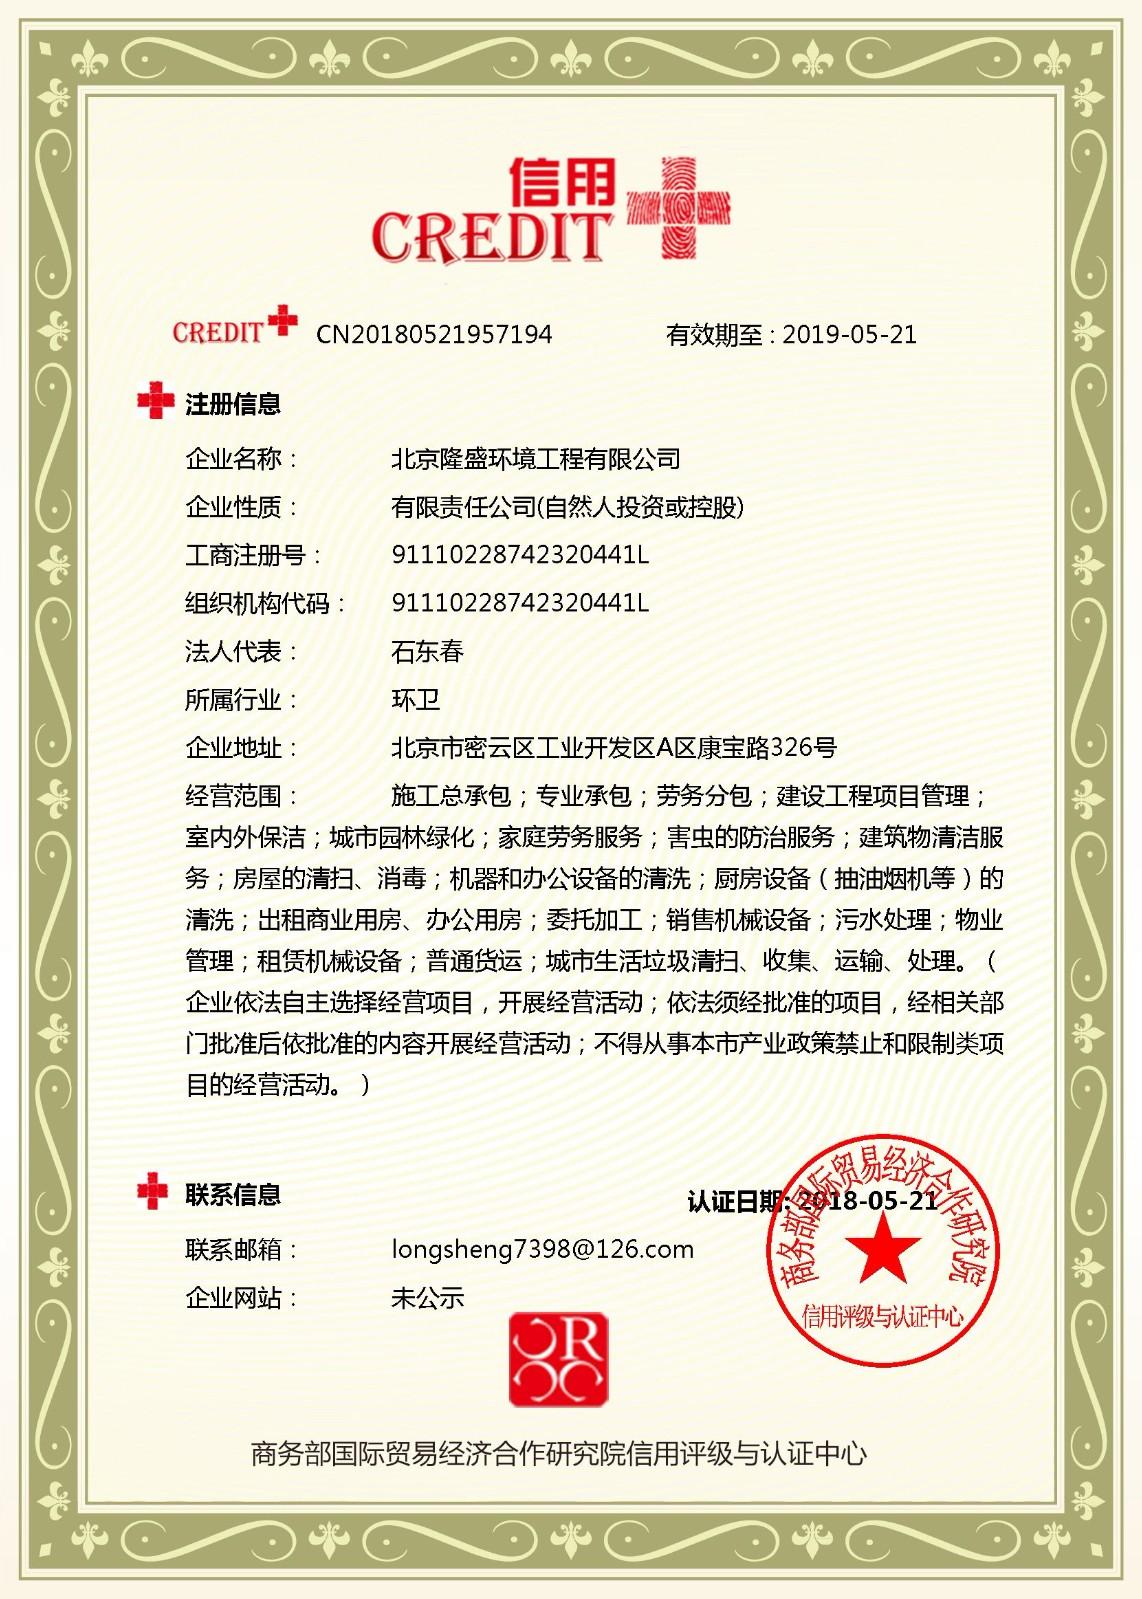 北京隆盛环境工程有限公司.jpg